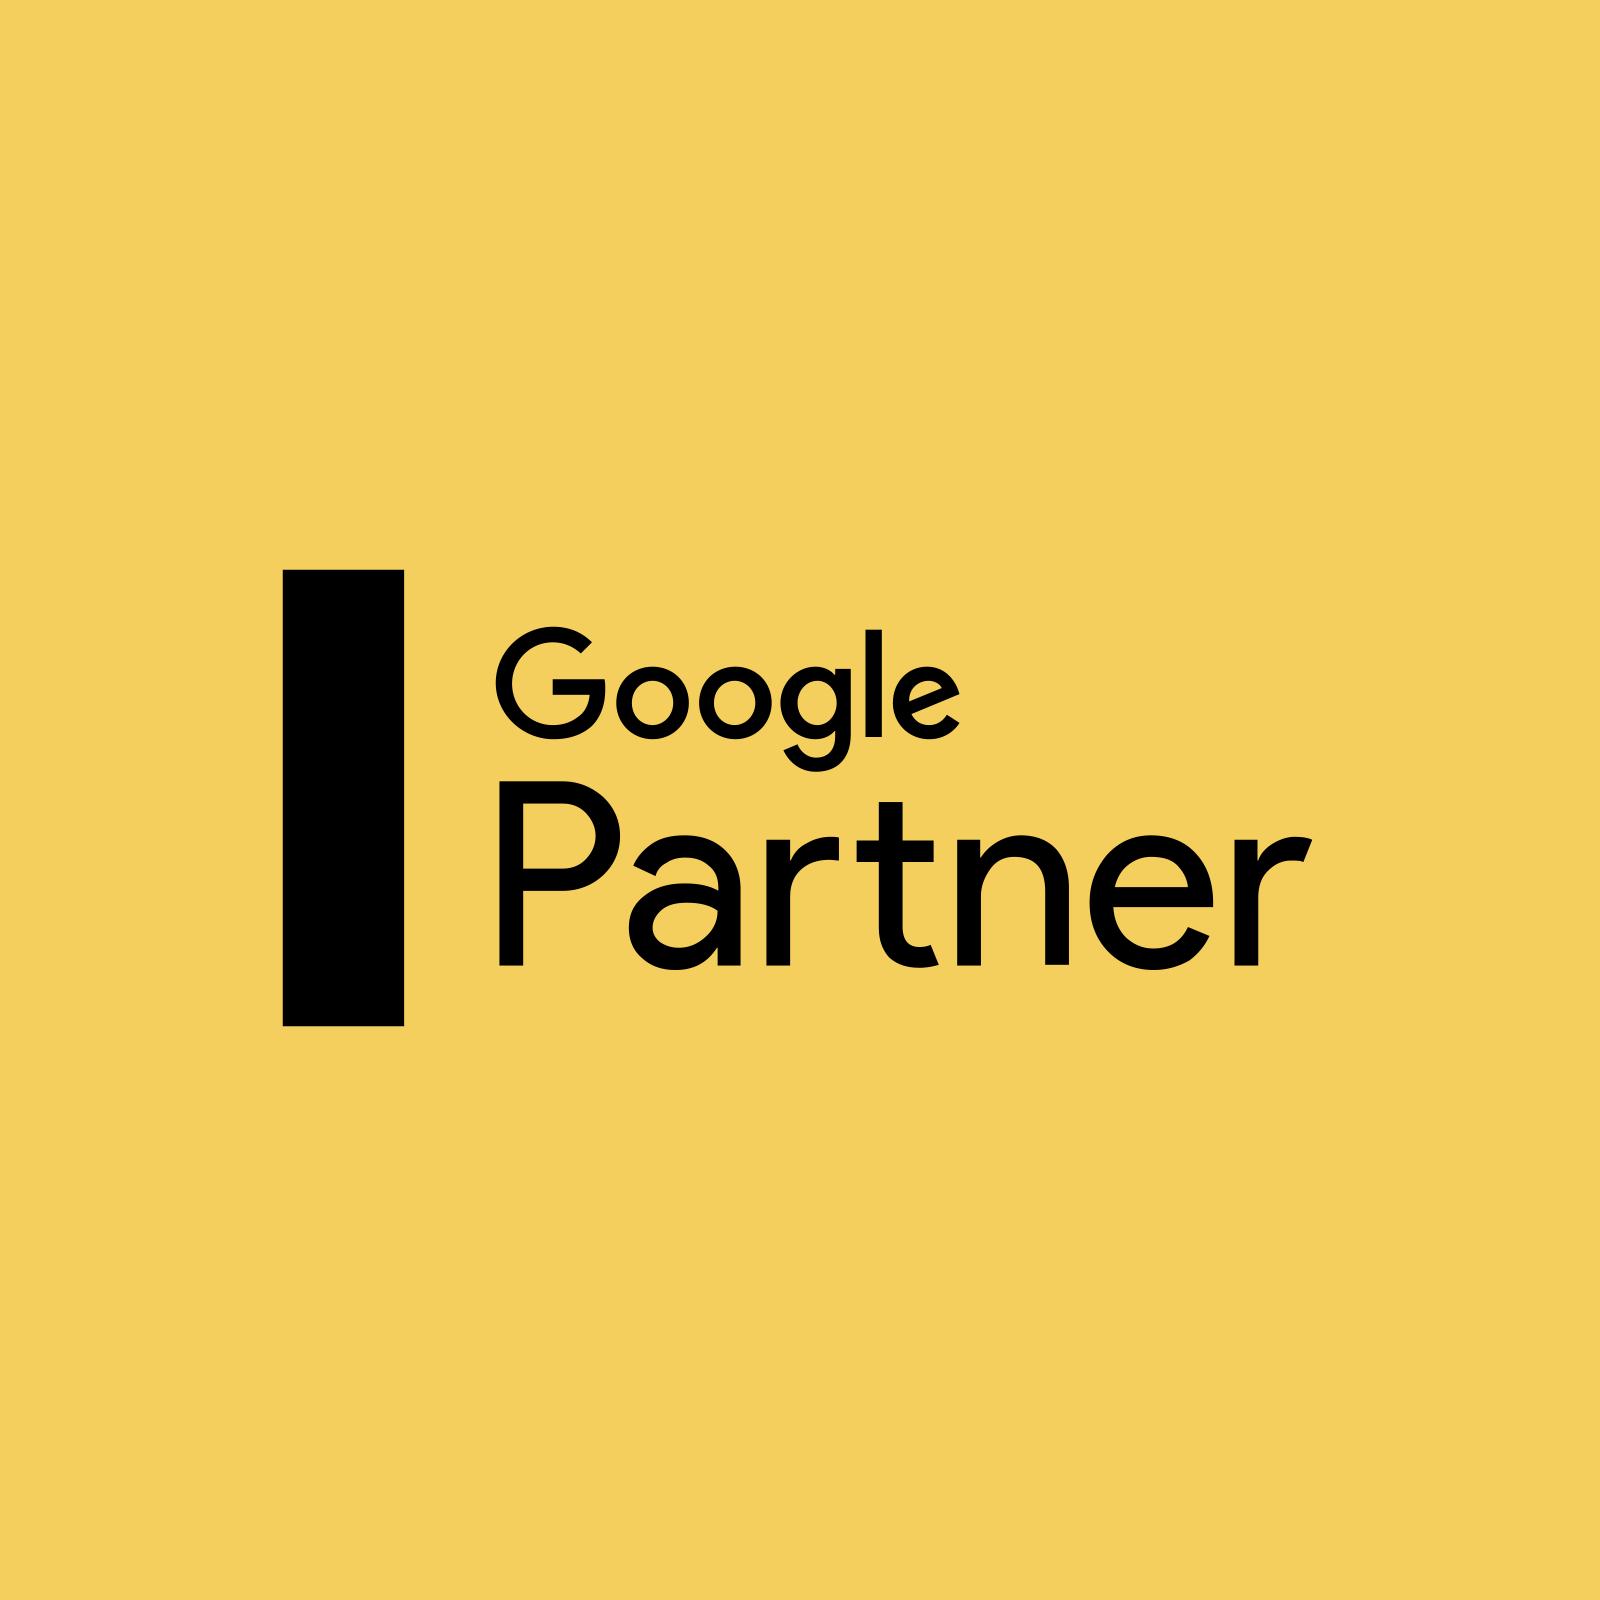 Google Partner für erfolgreiche Google Ads Kampagnen